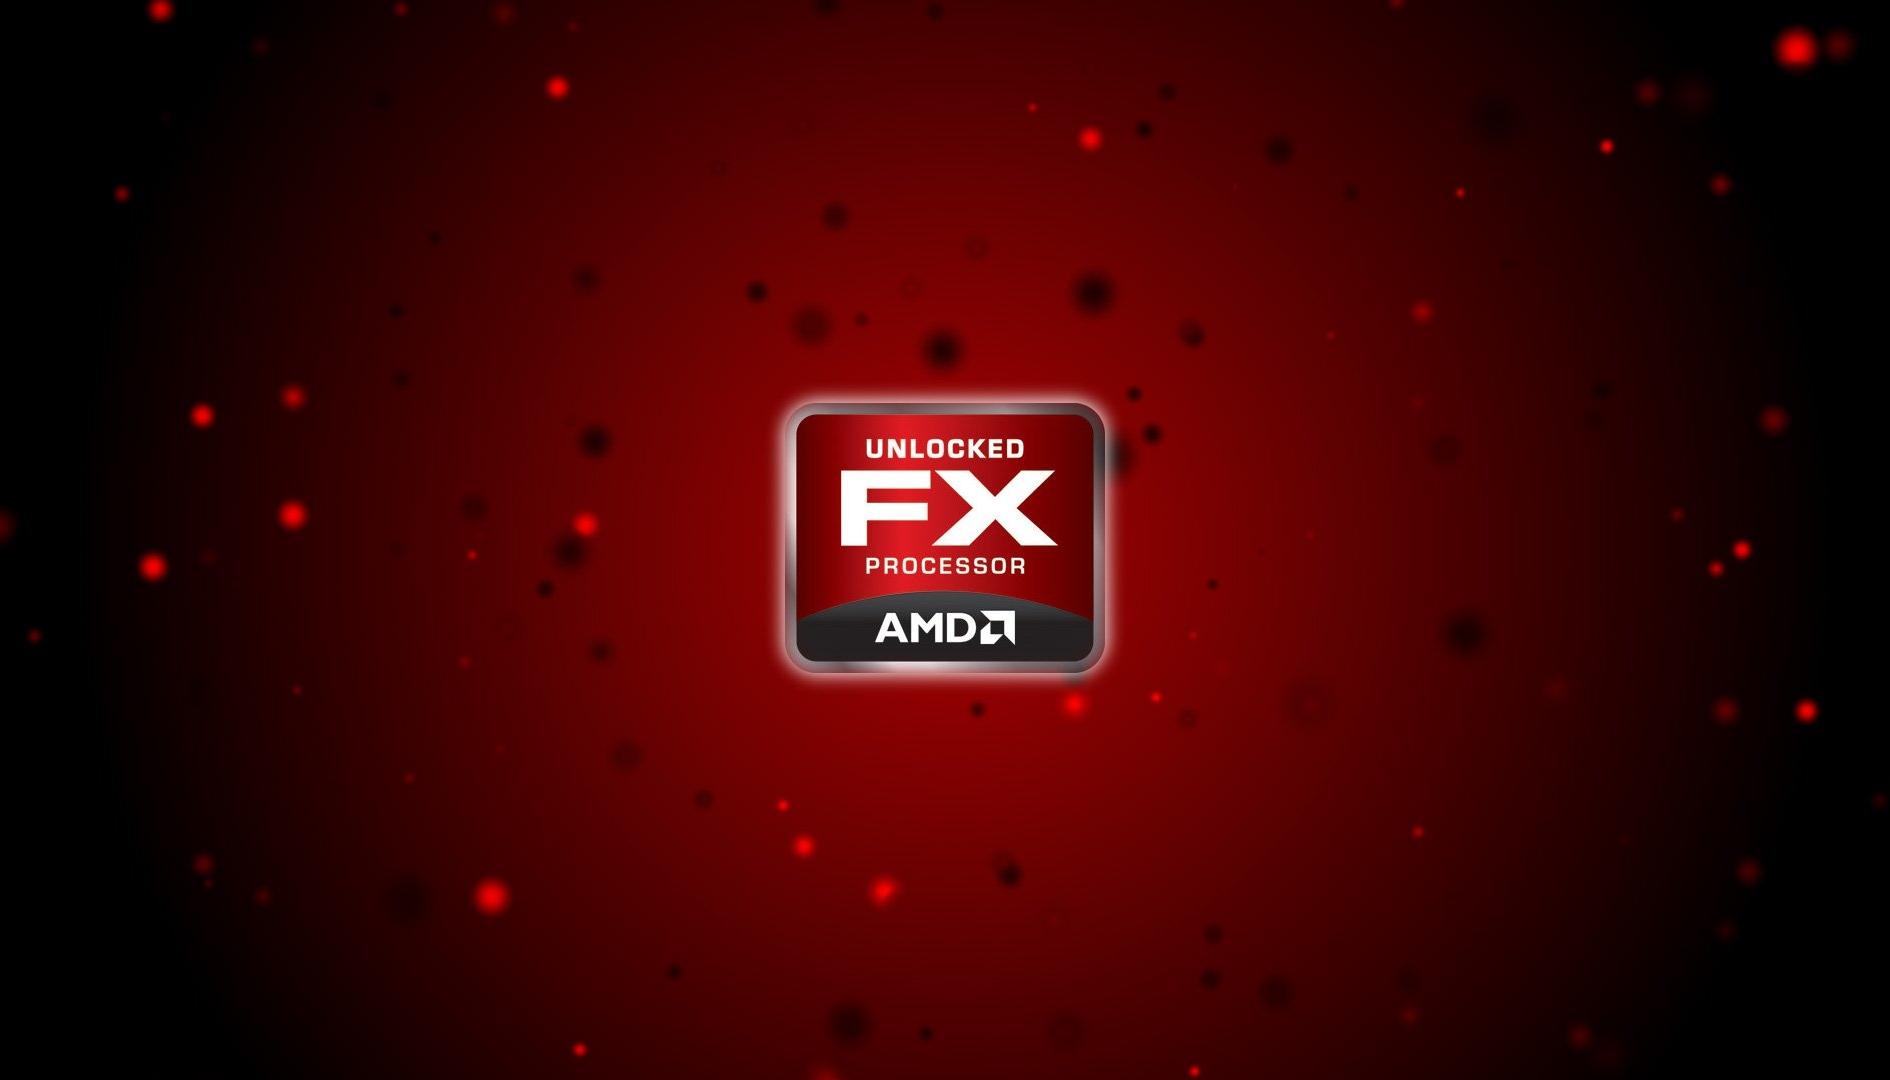 AMD si lascia alle spalle le CPU Bulldozer, chiusa la causa per pubblicità ingannevole